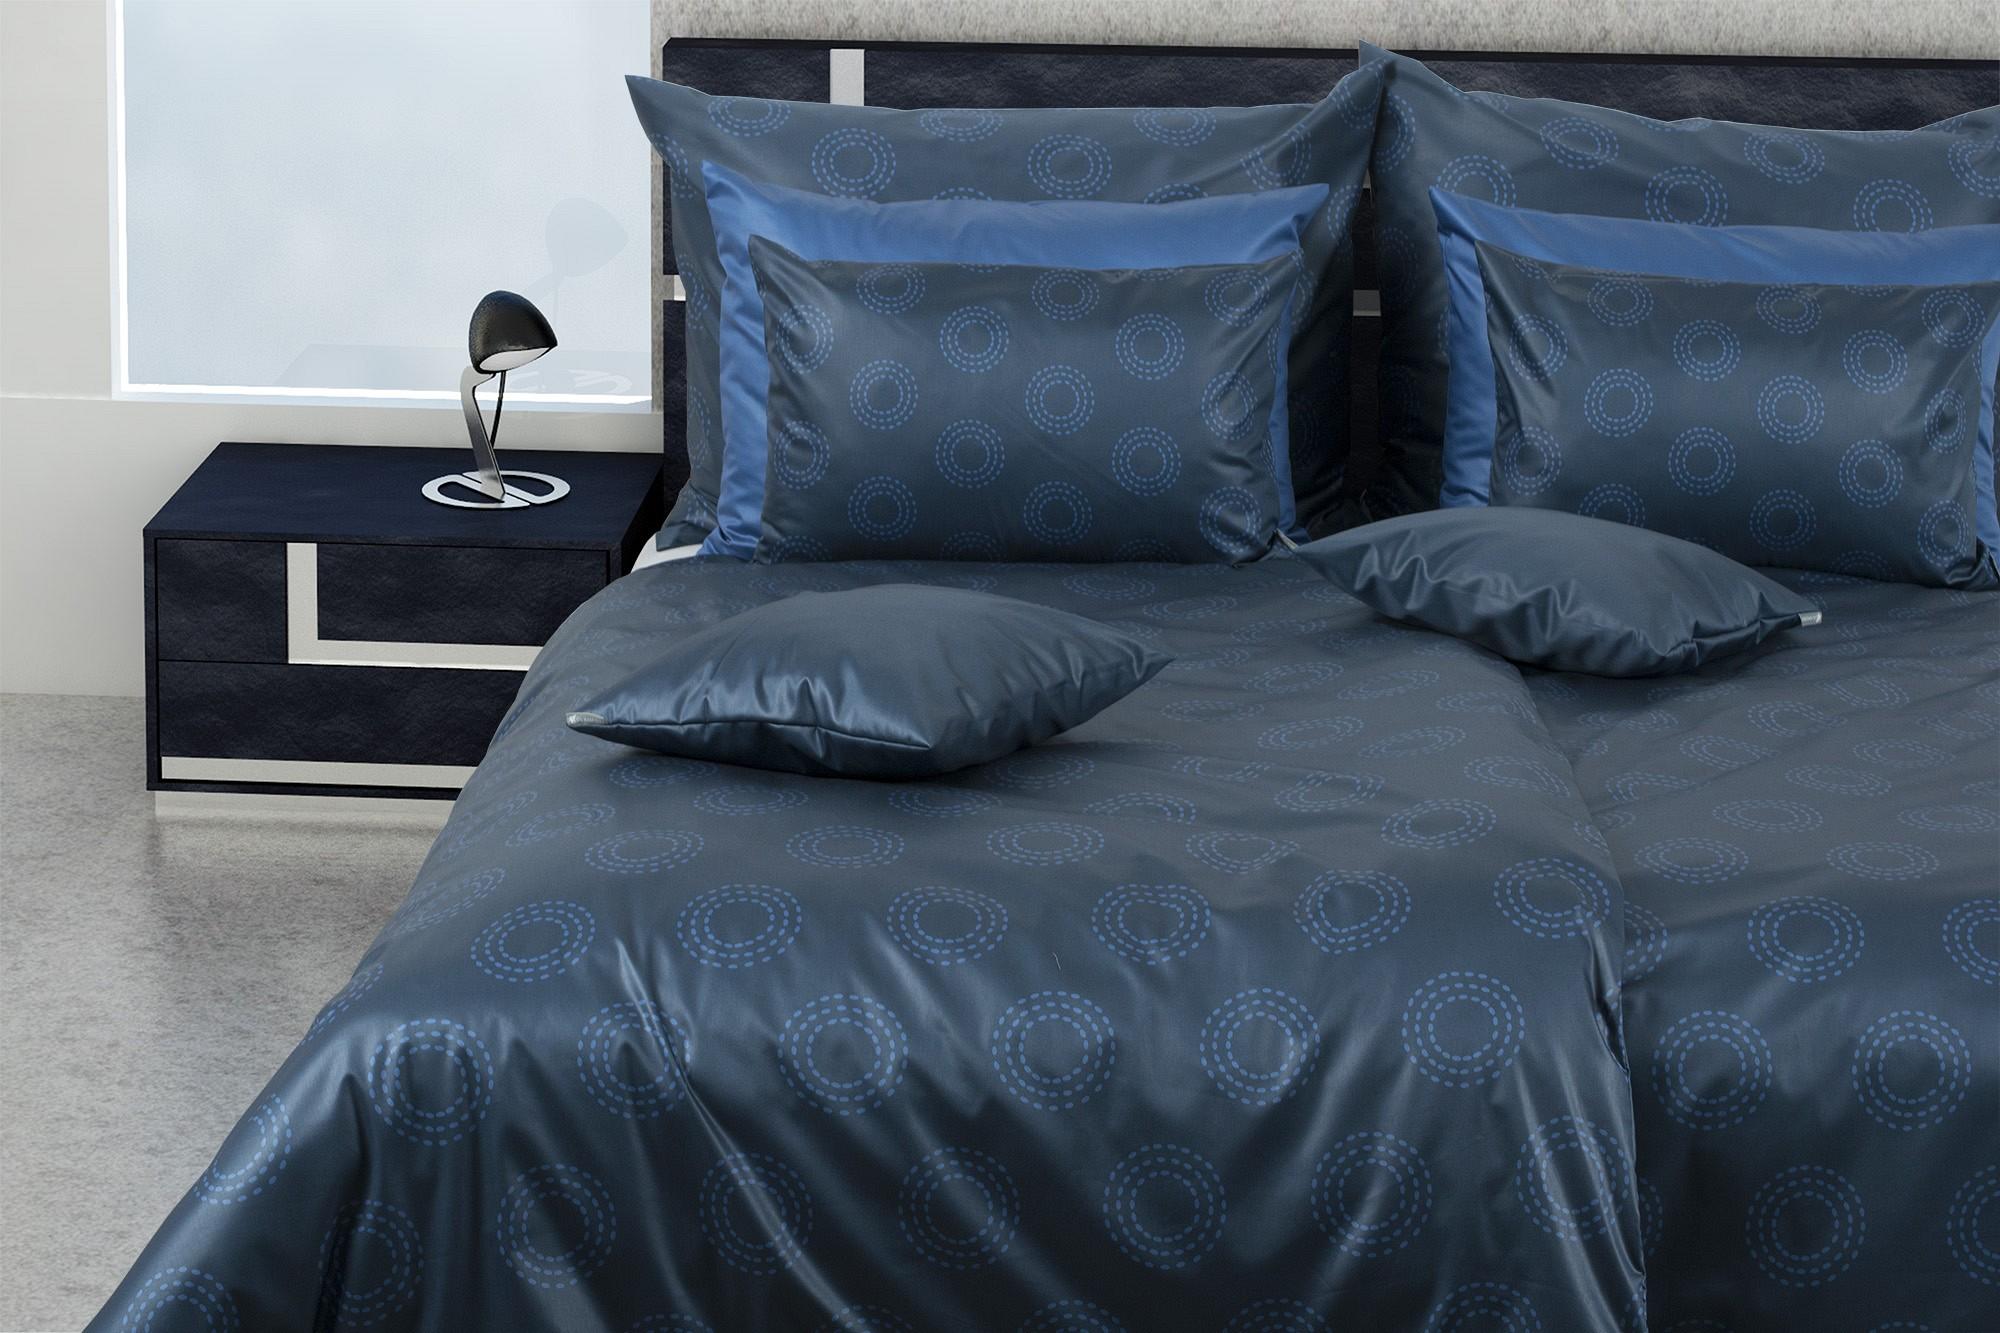 desideria bettw sche mit punkten glamonde. Black Bedroom Furniture Sets. Home Design Ideas